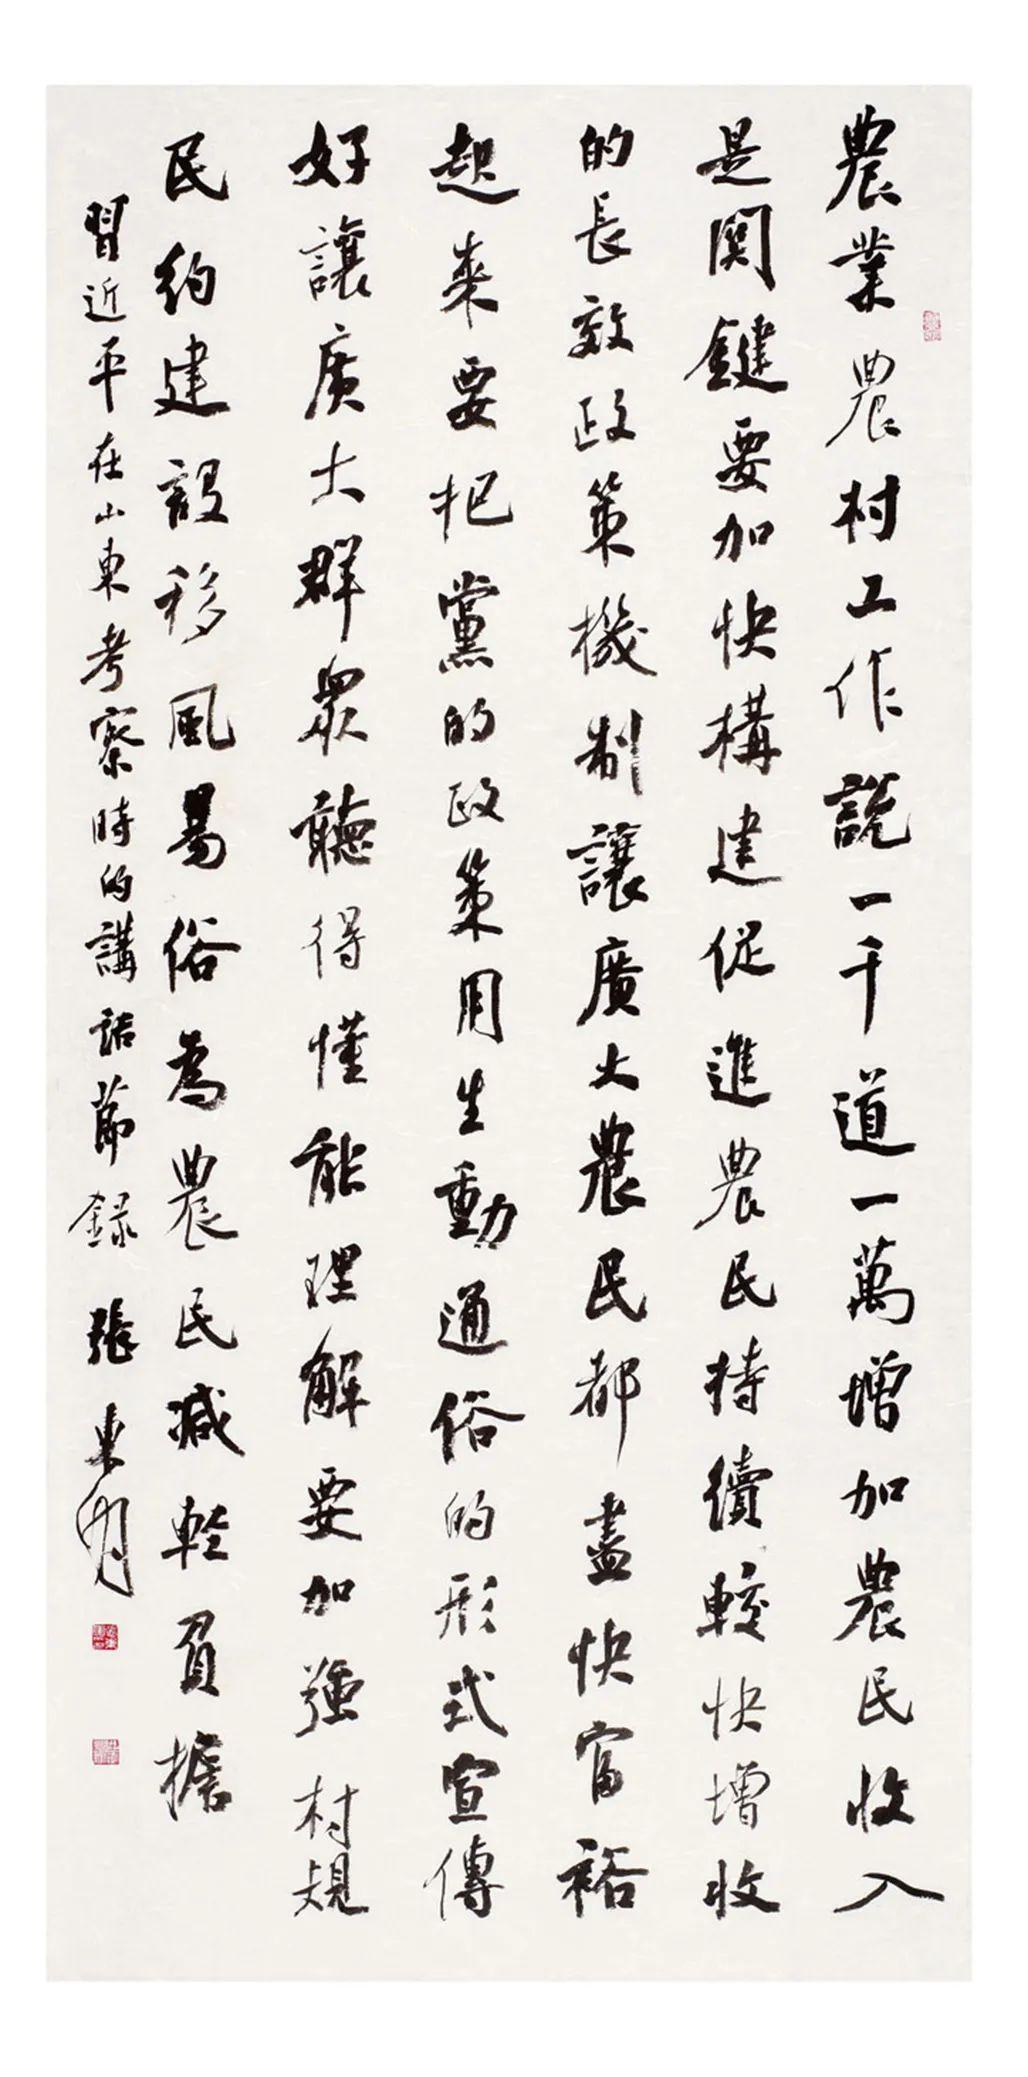 中国力量——全国扶贫书法大展作品 | 第一篇章 :人民至上(图41)